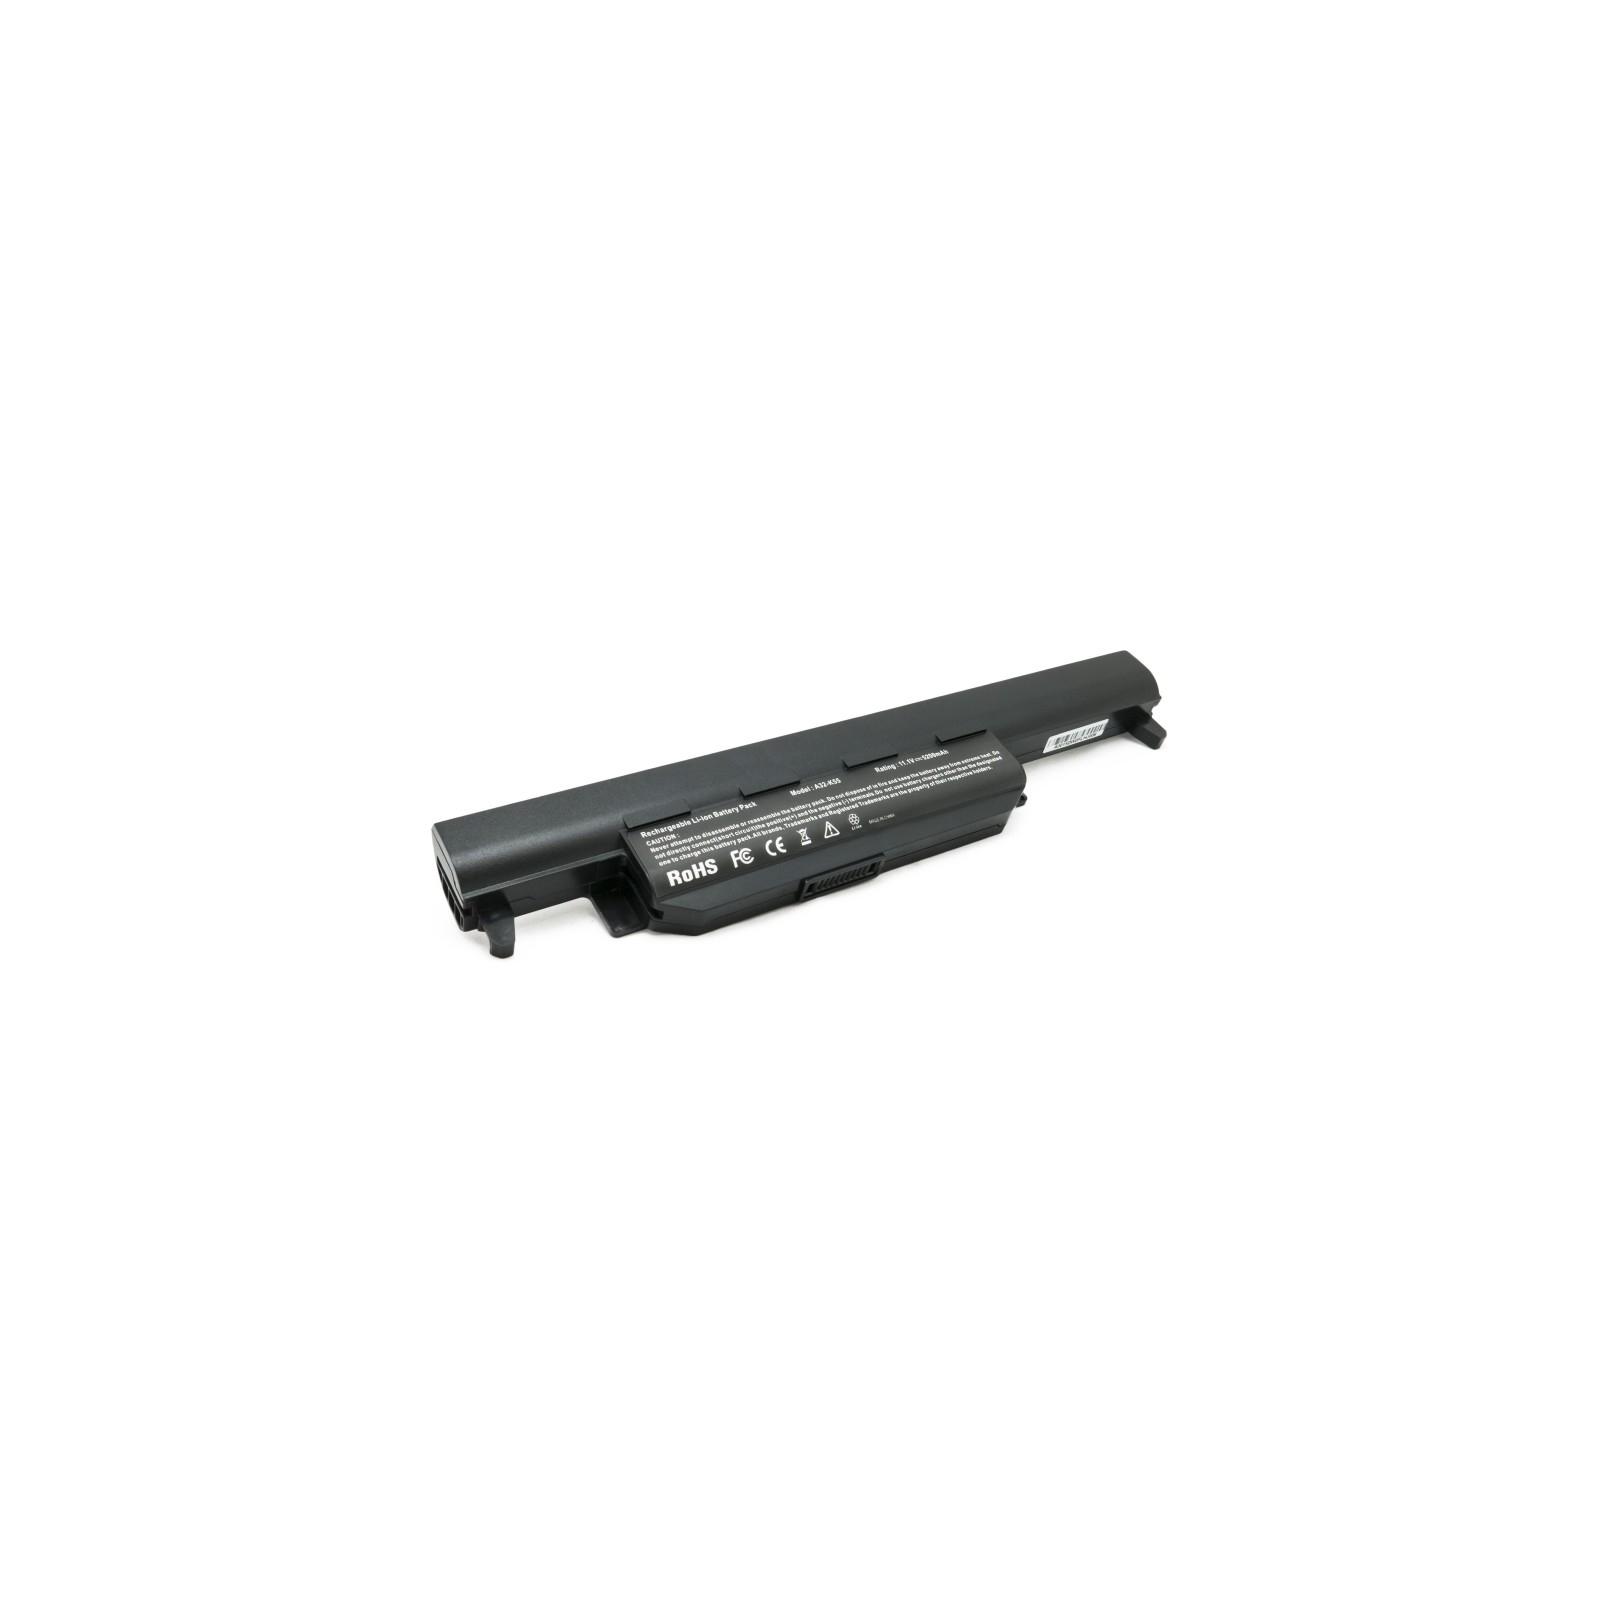 Аккумулятор для ноутбука Asus K55 (A32-K55) 5200 mAh EXTRADIGITAL (BNA3924)